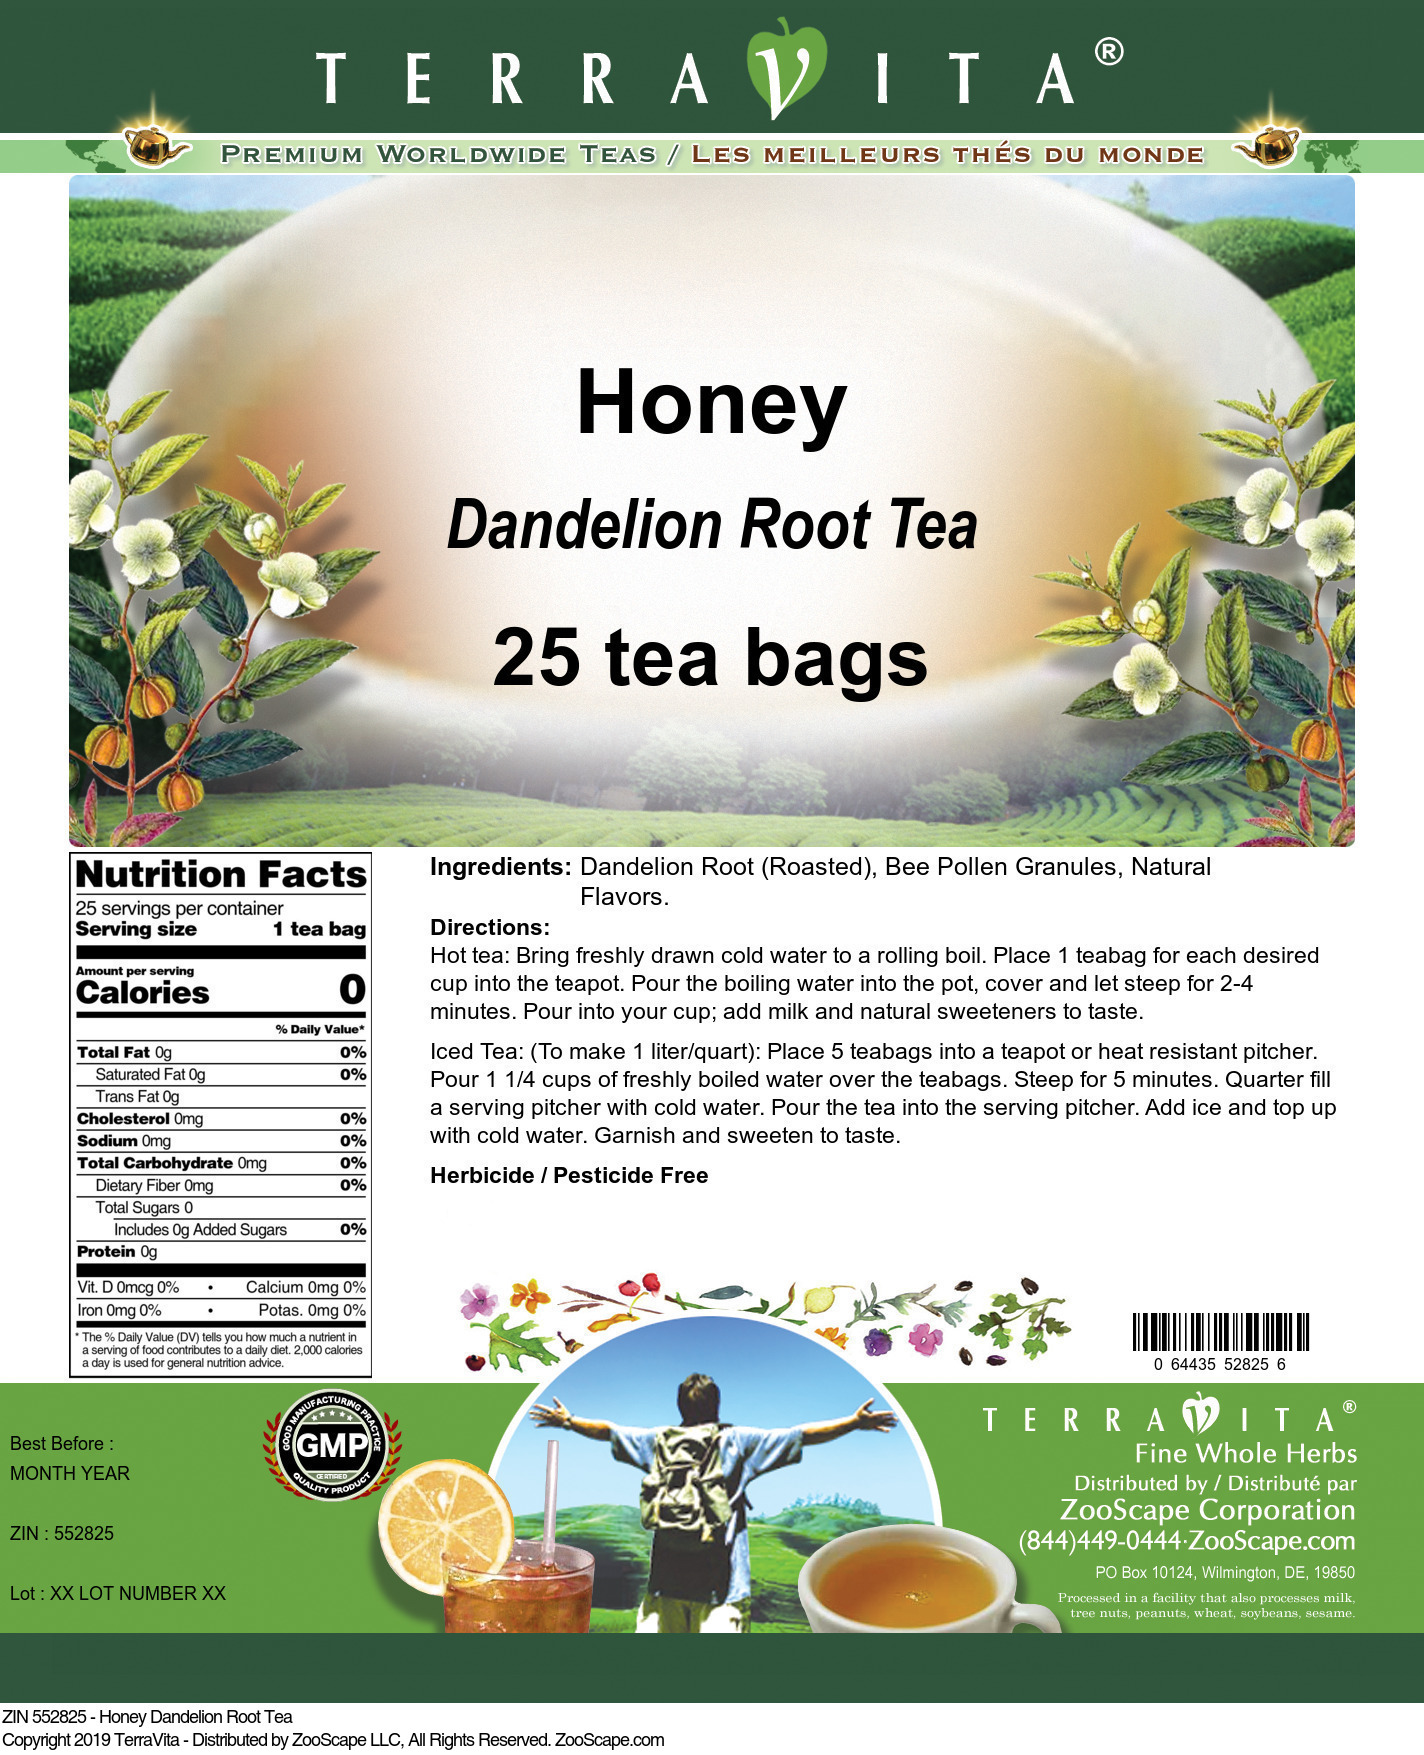 Honey Dandelion Root Tea